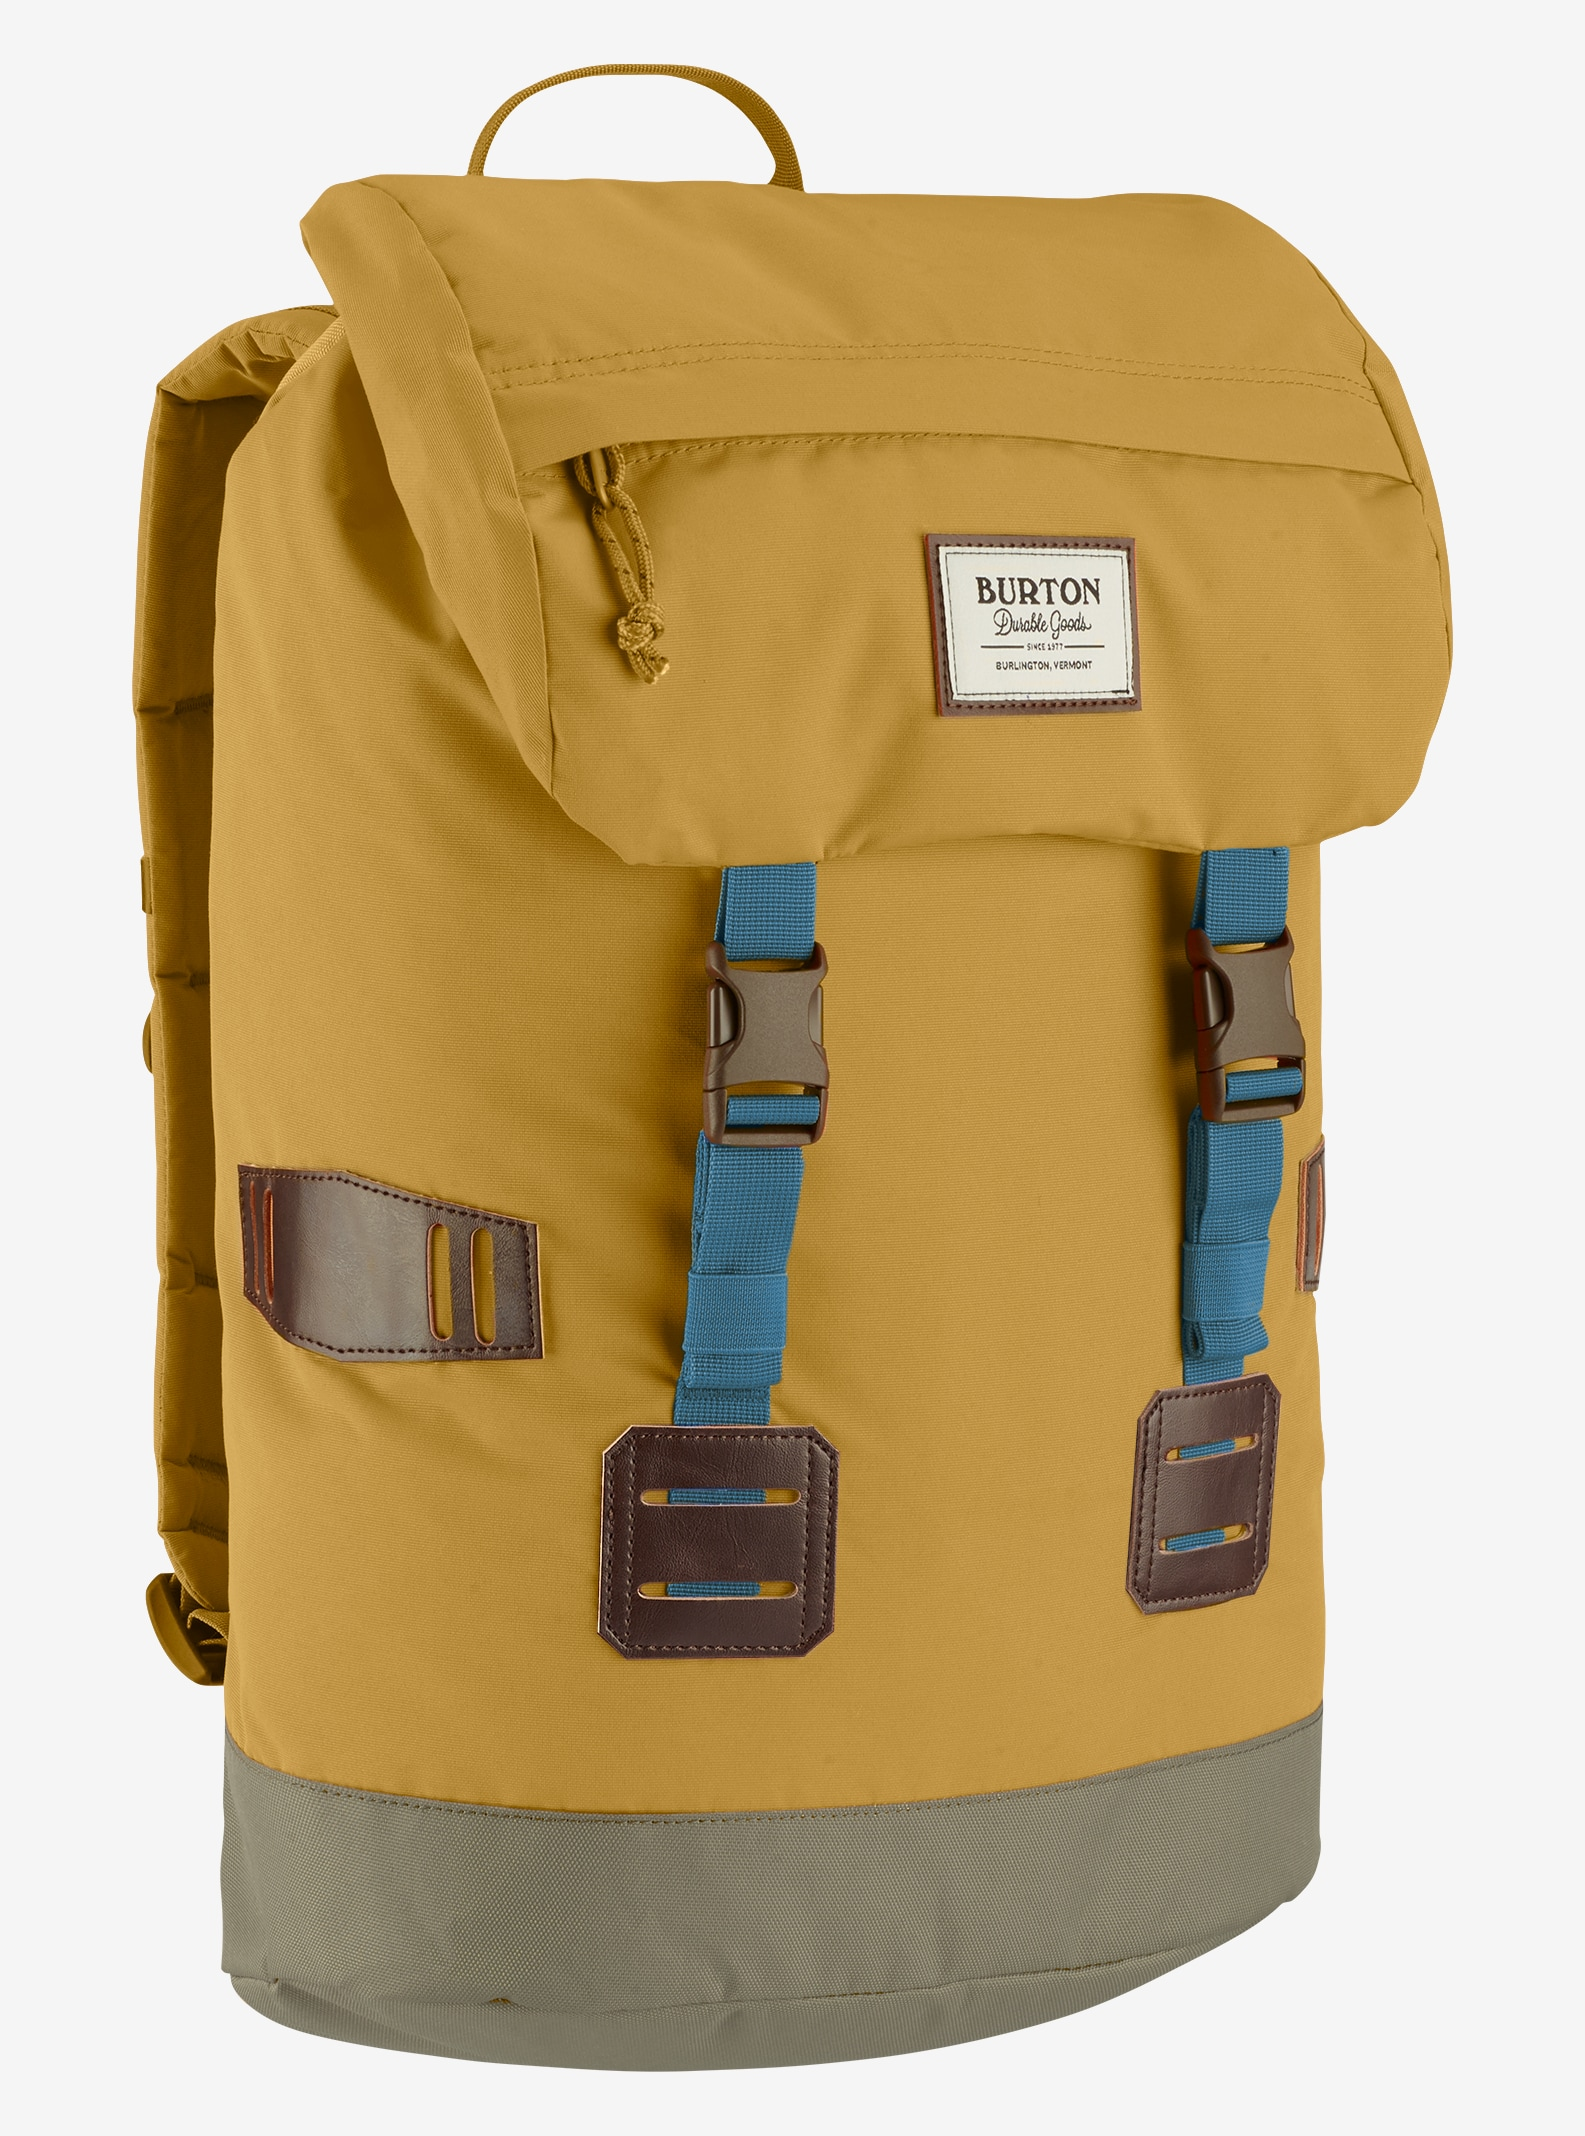 Burton Tinder Backpack shown in Harvest Gold